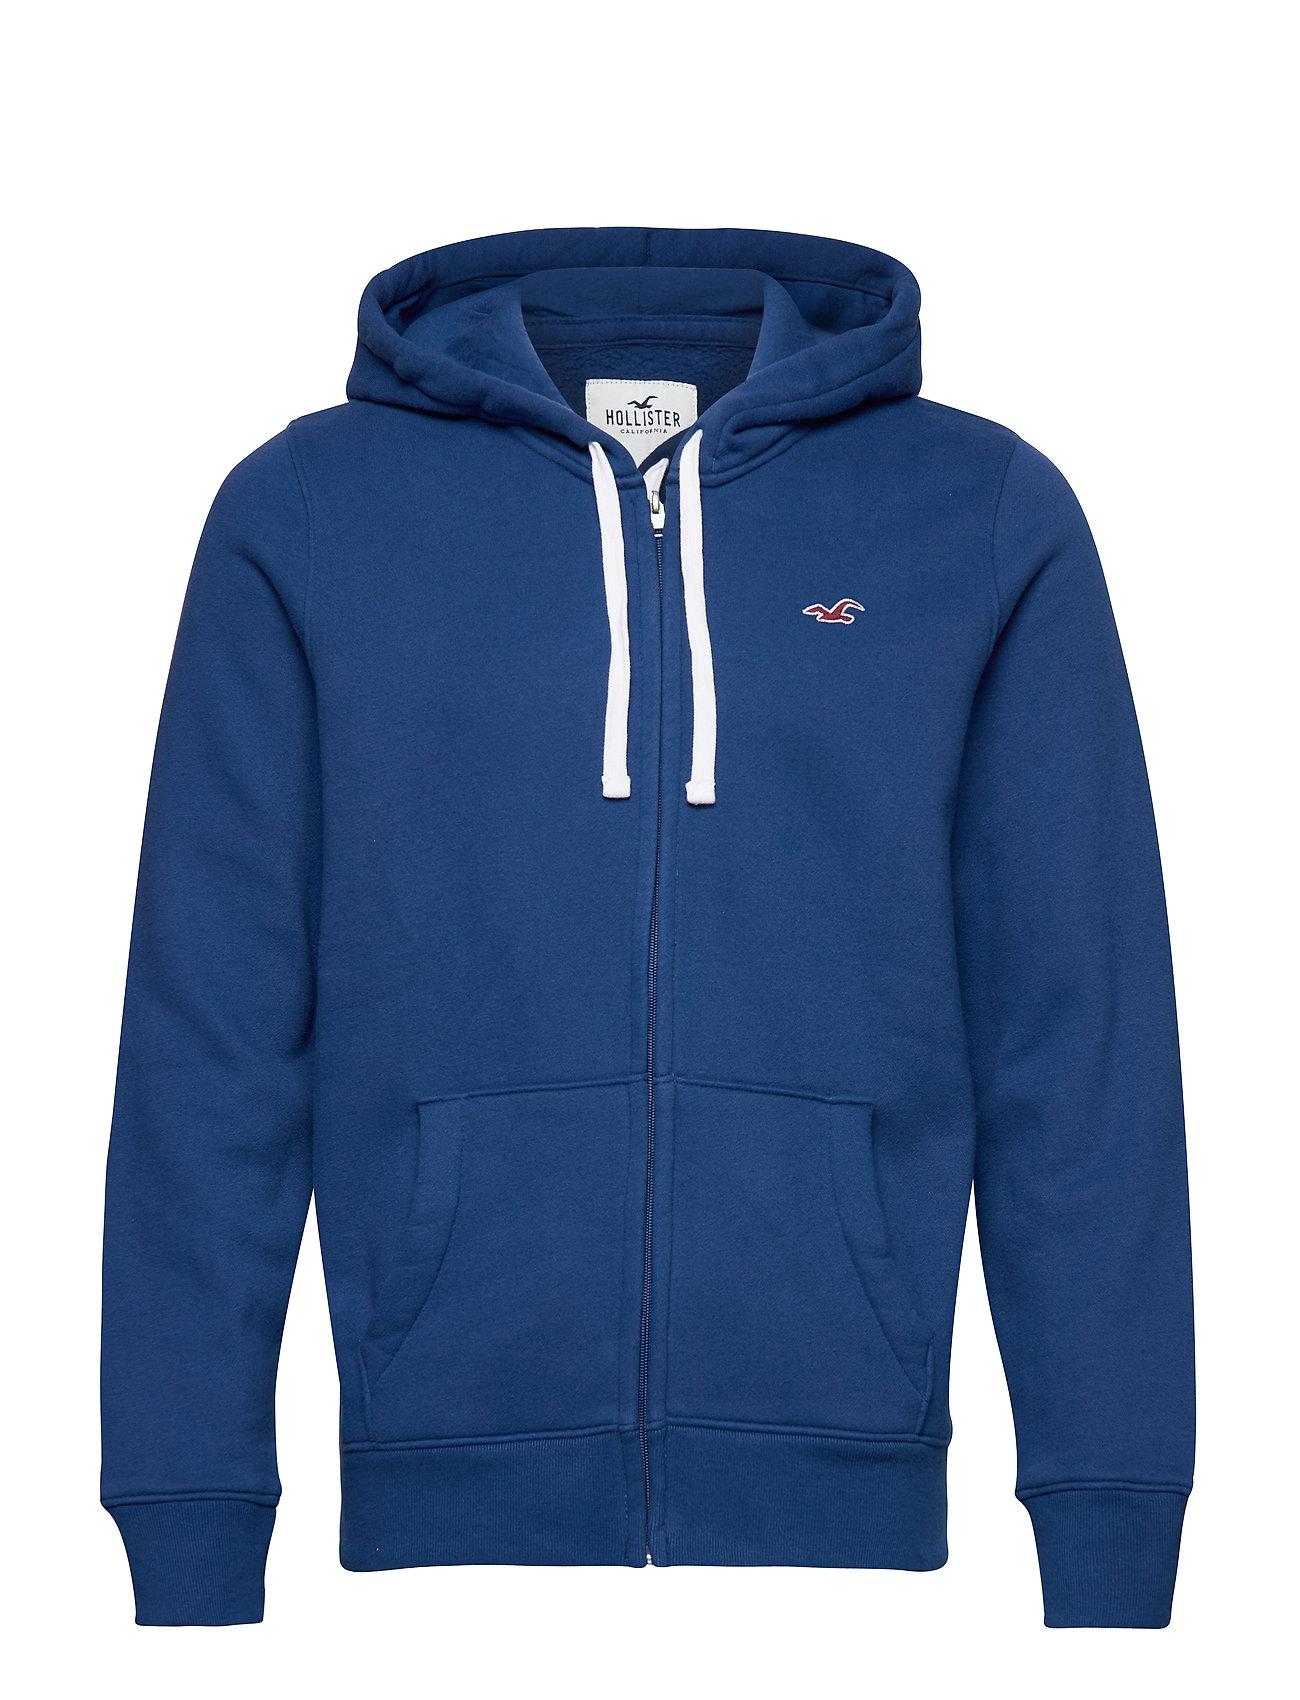 Hollister Full Zip Sweatshirt - MED BLUE DD